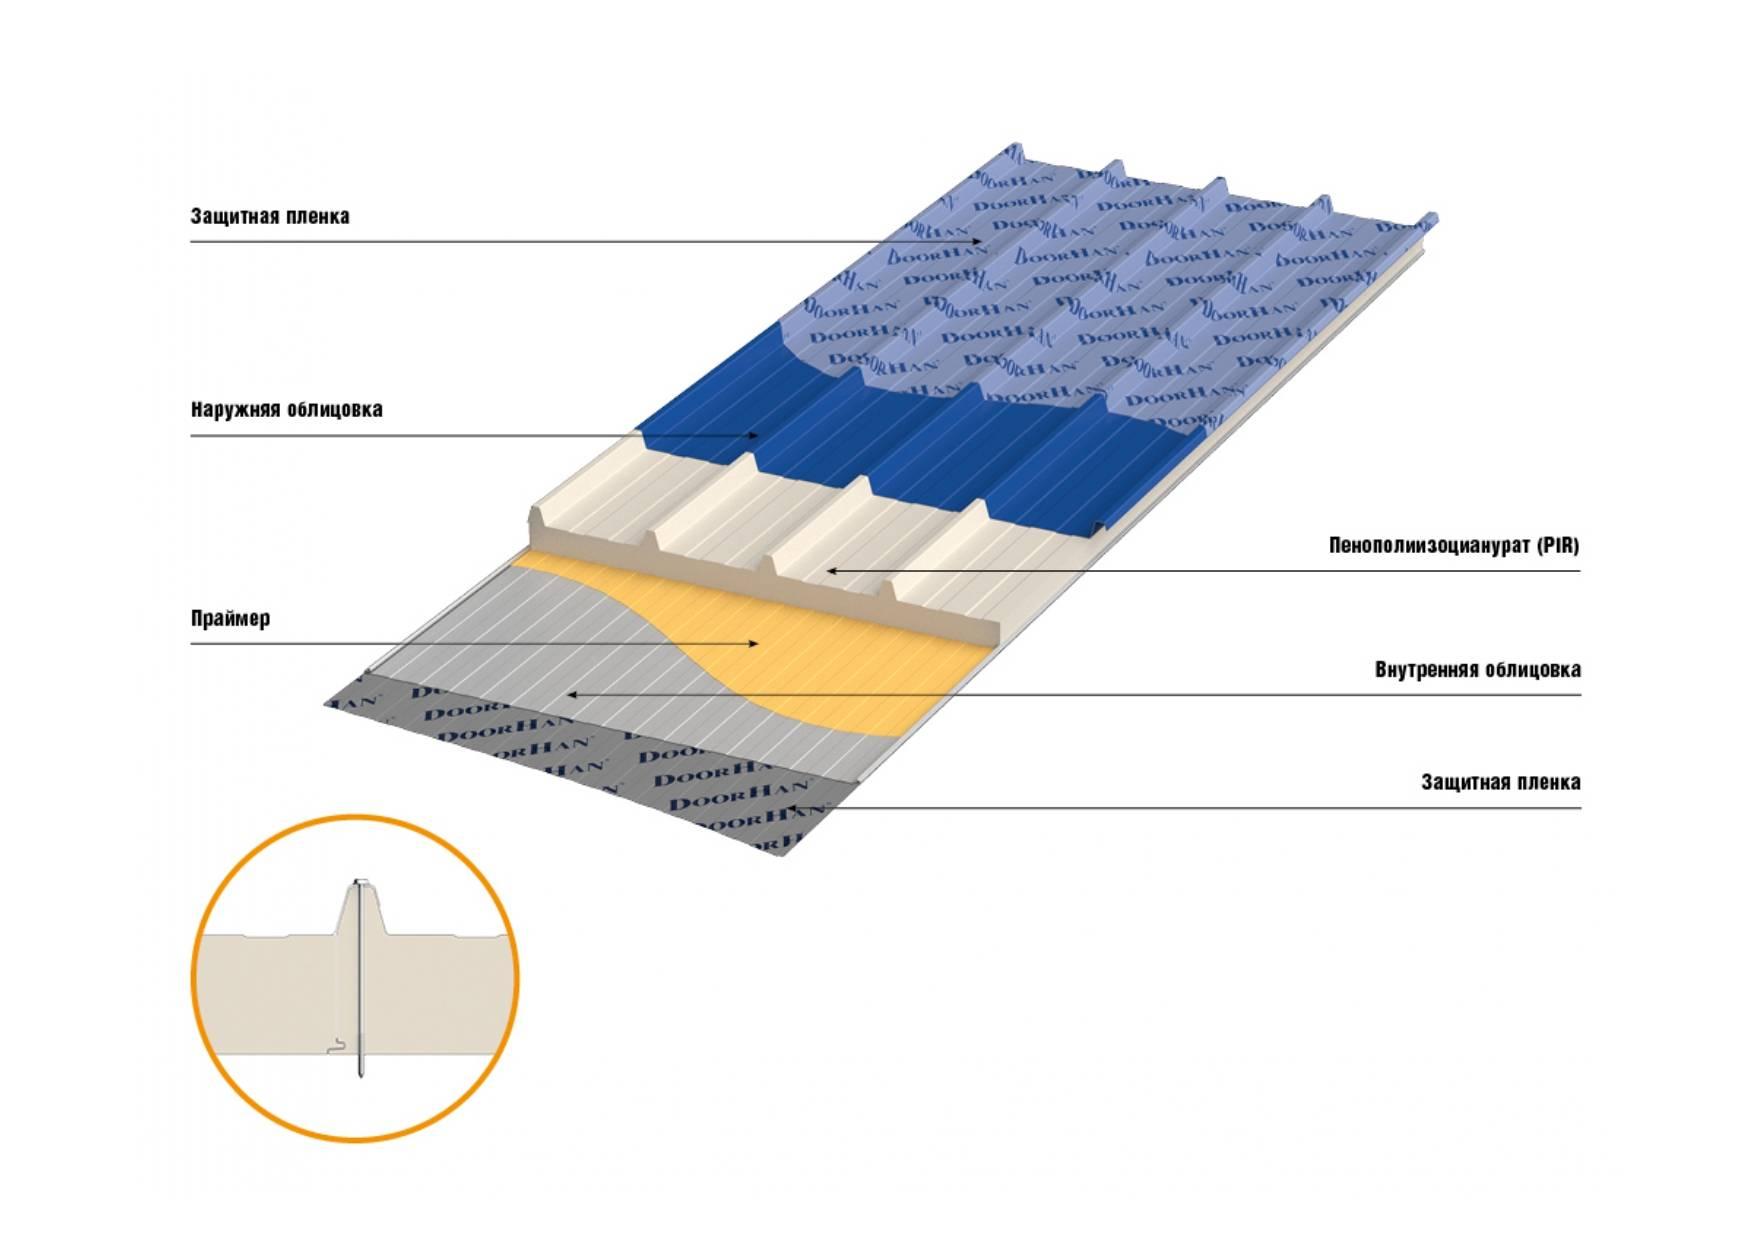 рис.1.  Кровельные сэндвич-панели с сердечником из пенополиизоцианурата (РIR)